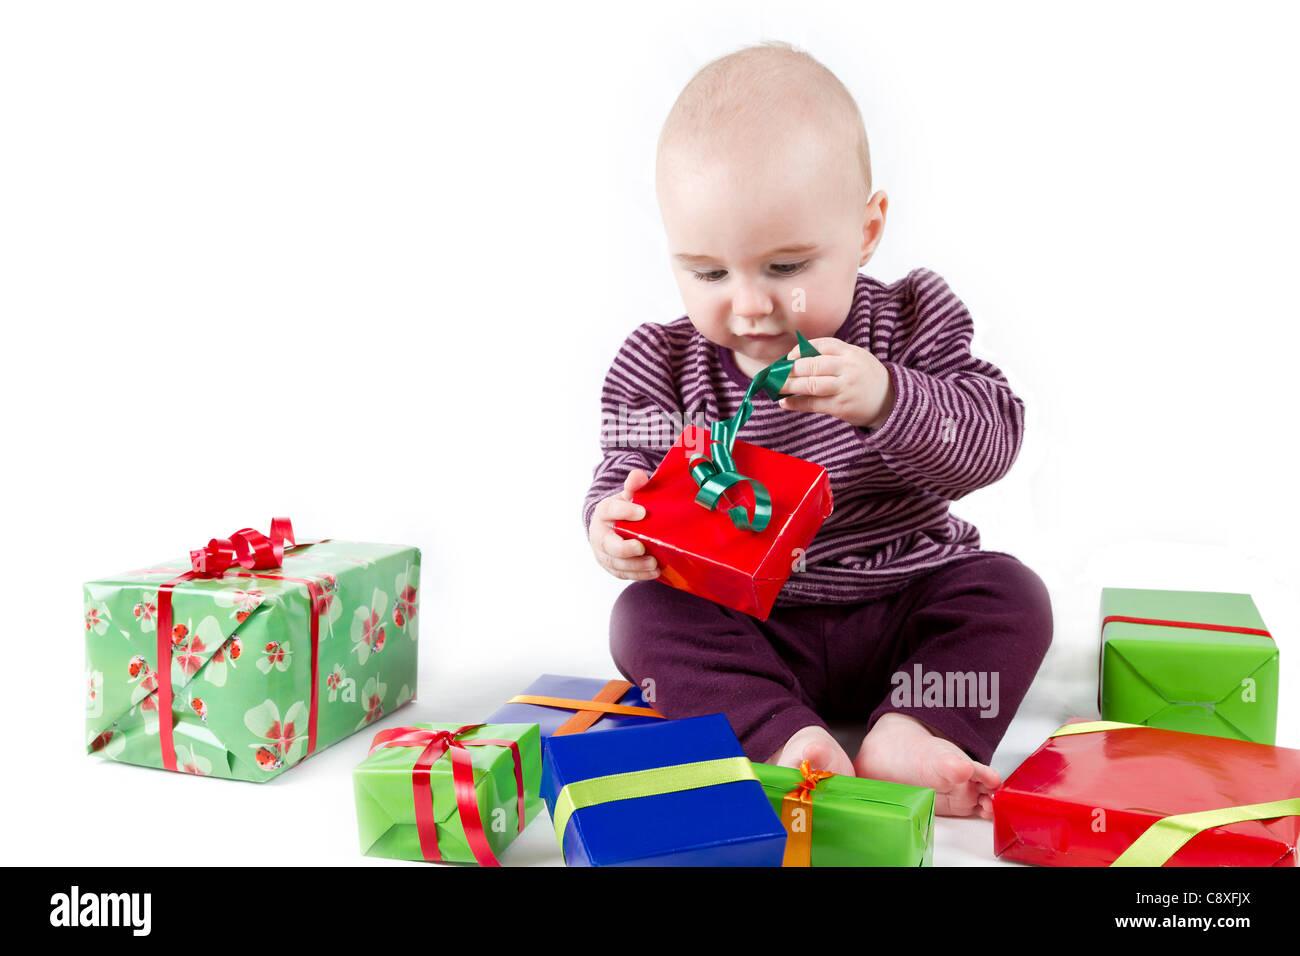 Déballage du jeune enfant présente un fond blanc. Photo Stock